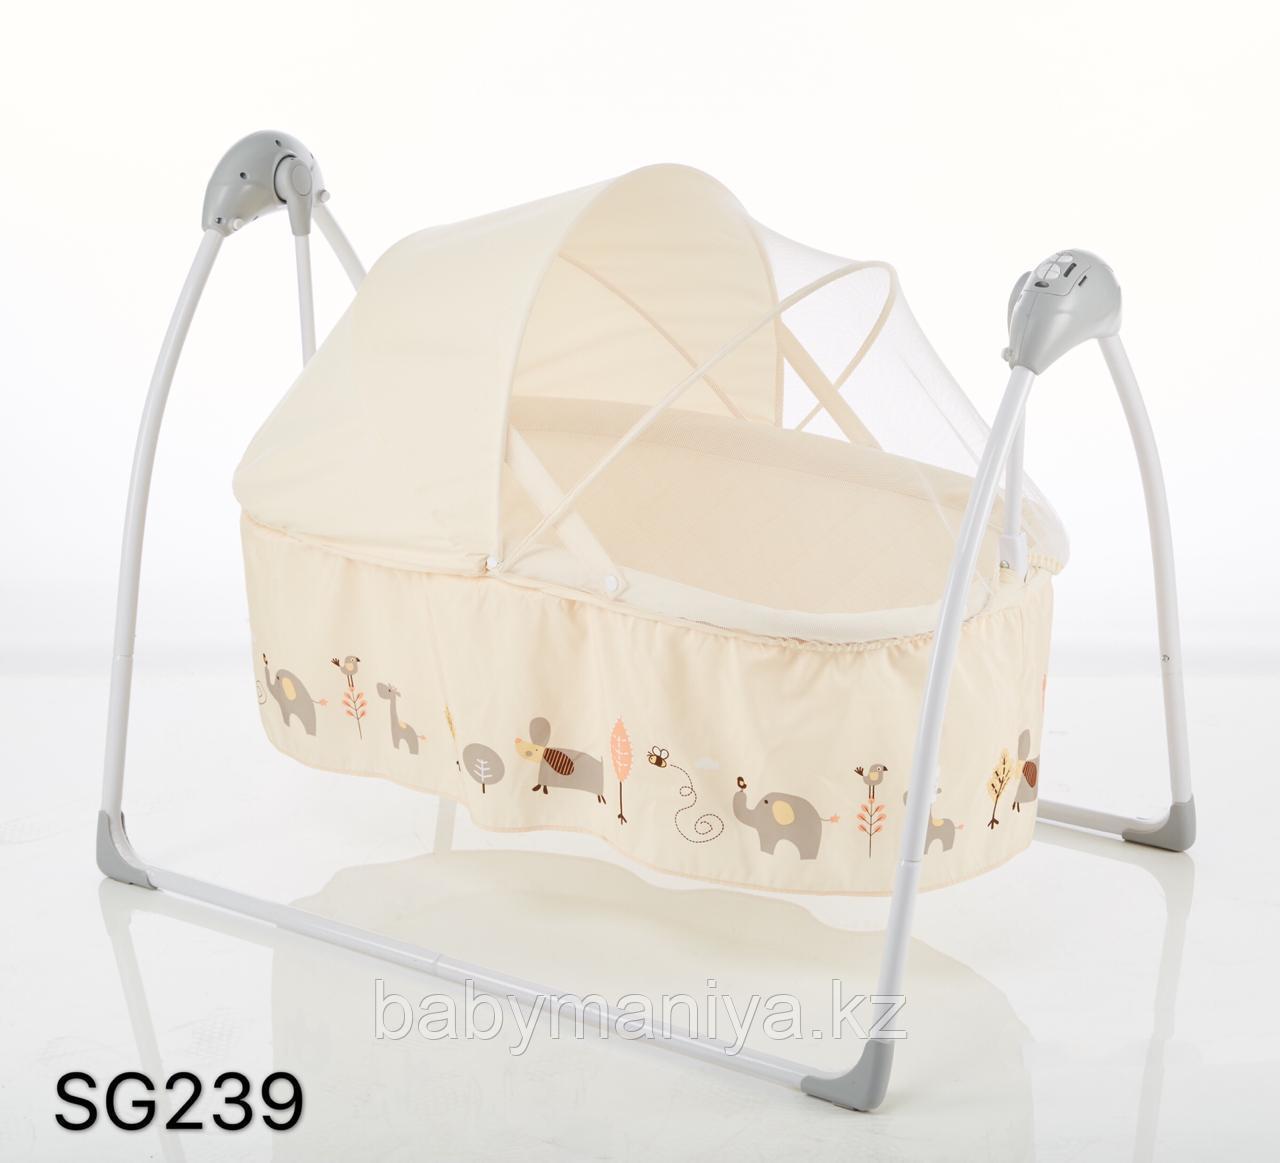 Колыбель-качалка электрическая SG239